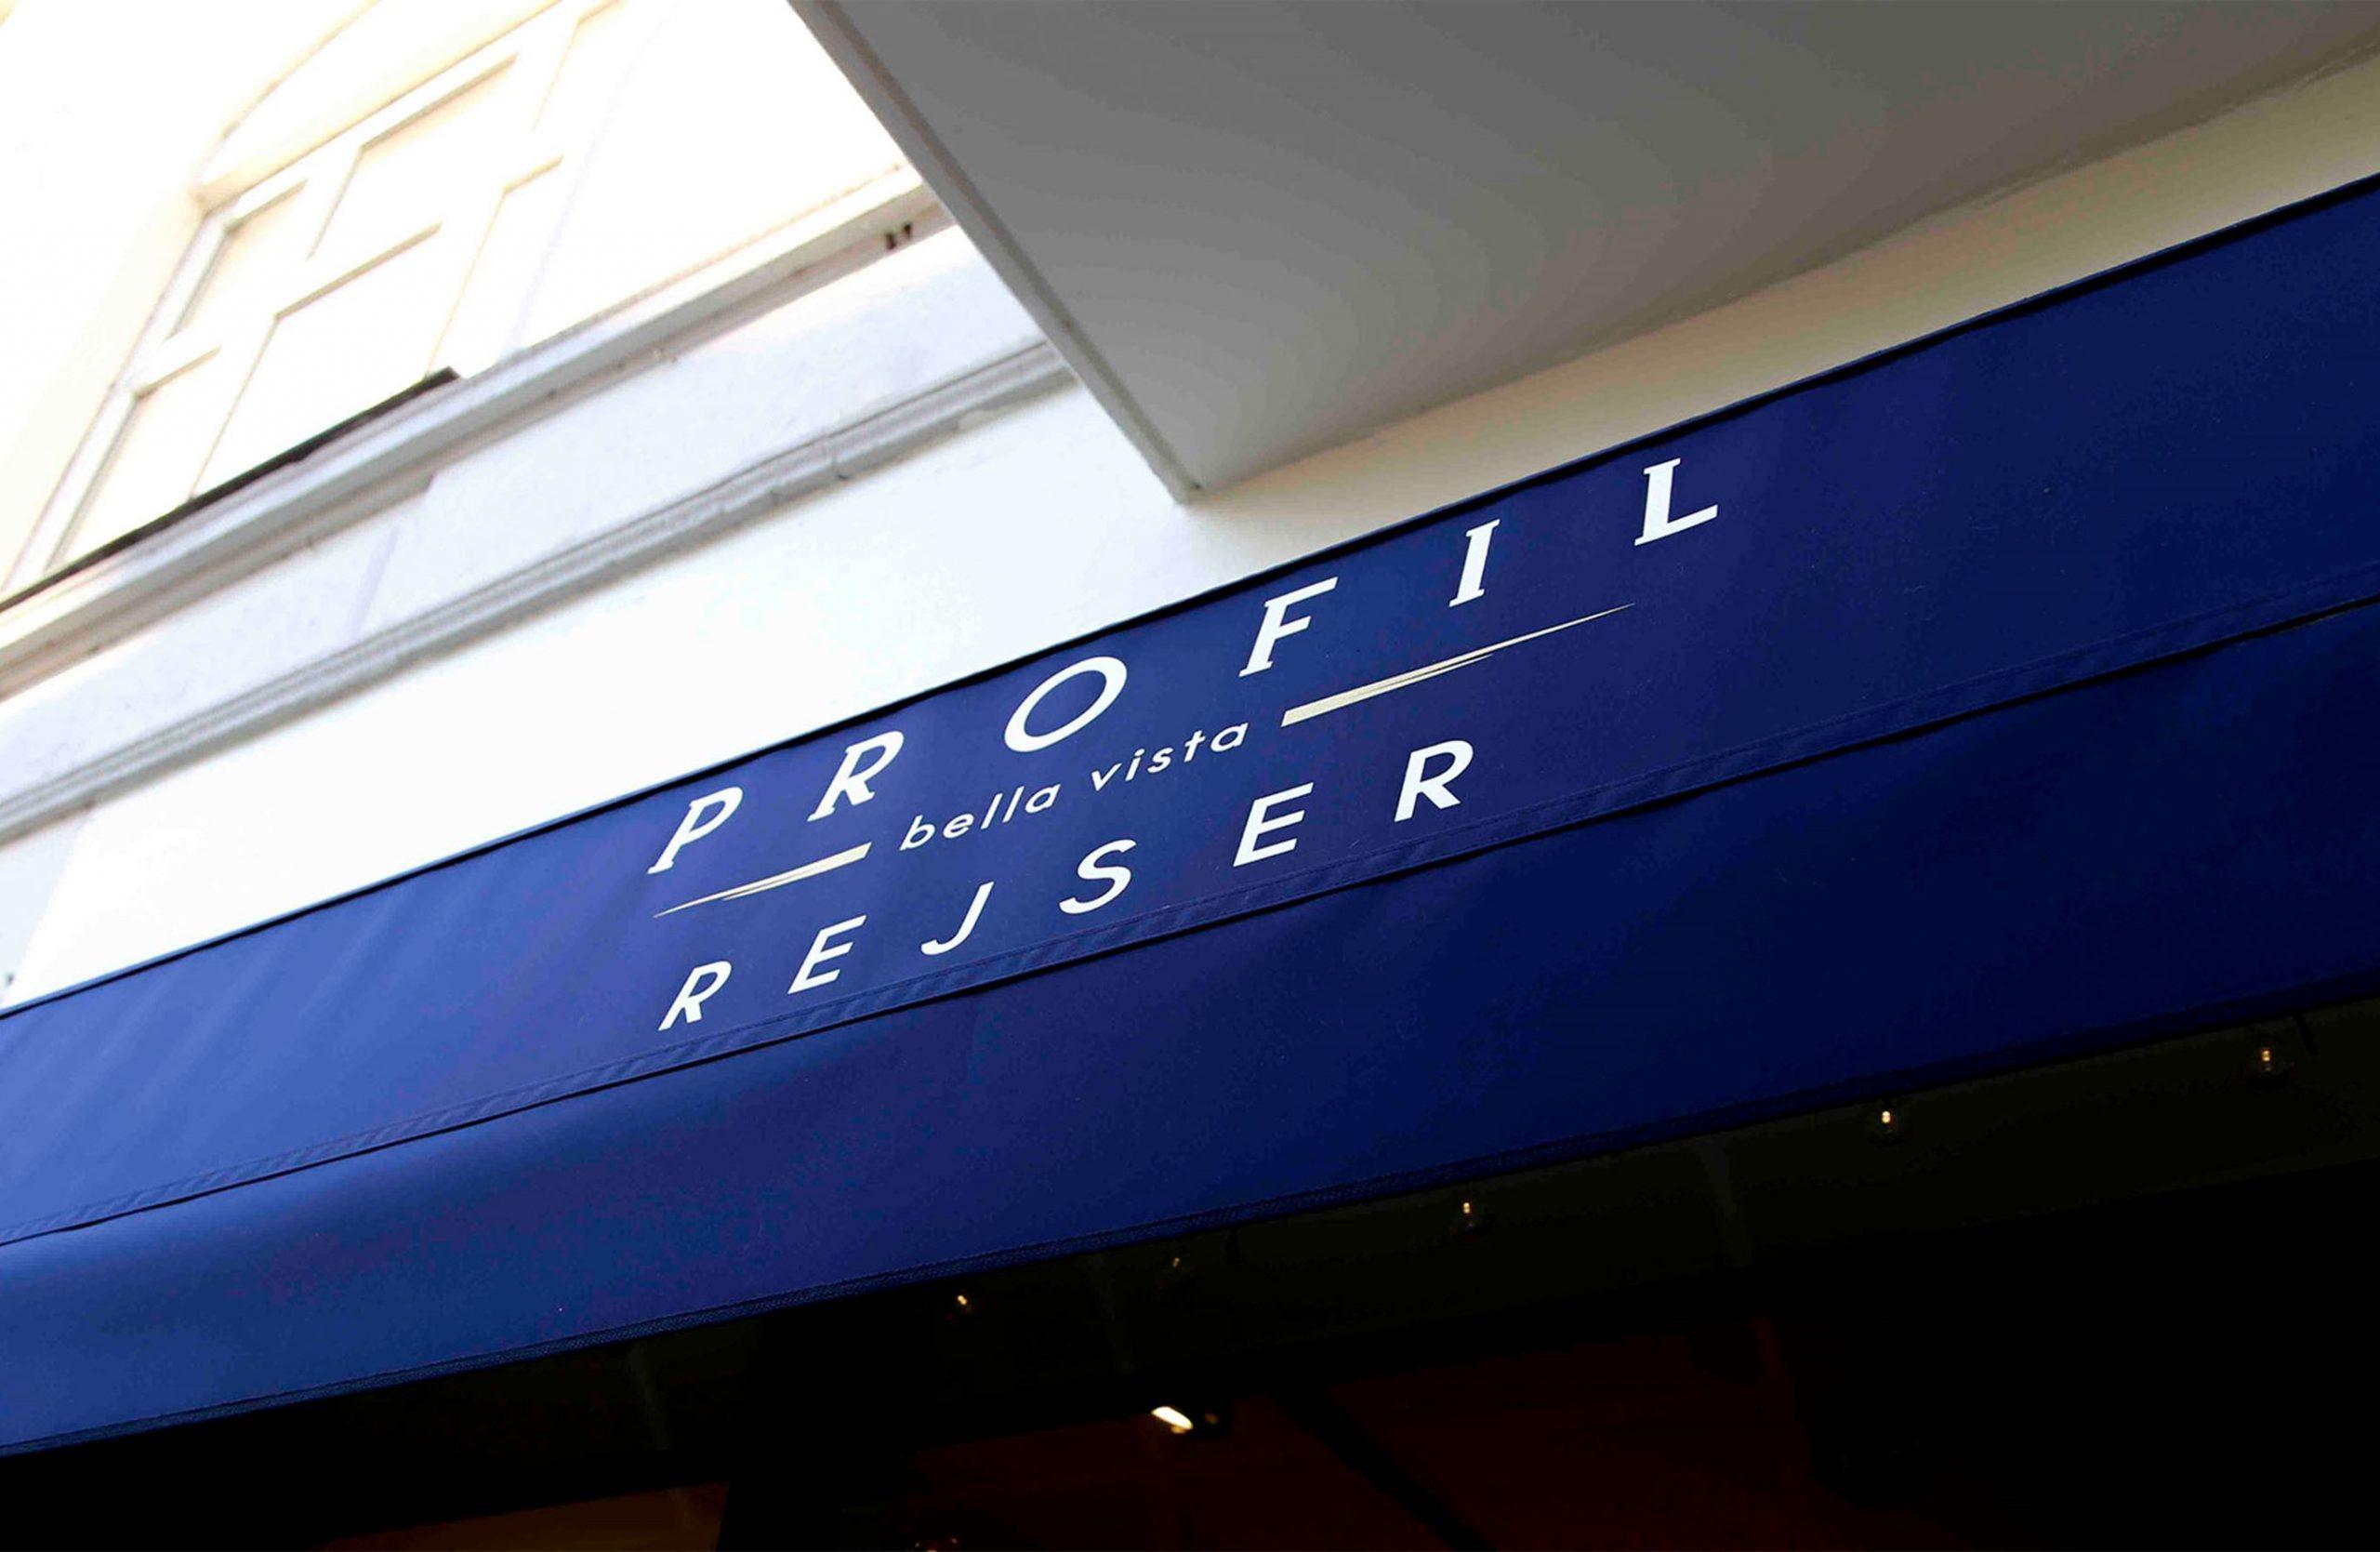 Profil Rejser sælger rejser til det meste af verden og også krydstogter, hvor Bella Vista er det primære krydstogtvaremærke. Sidste efterår blev der åbnet ny forretning på Strandvejen i Hellerup. PR-foto fra Bella Vista Travel.